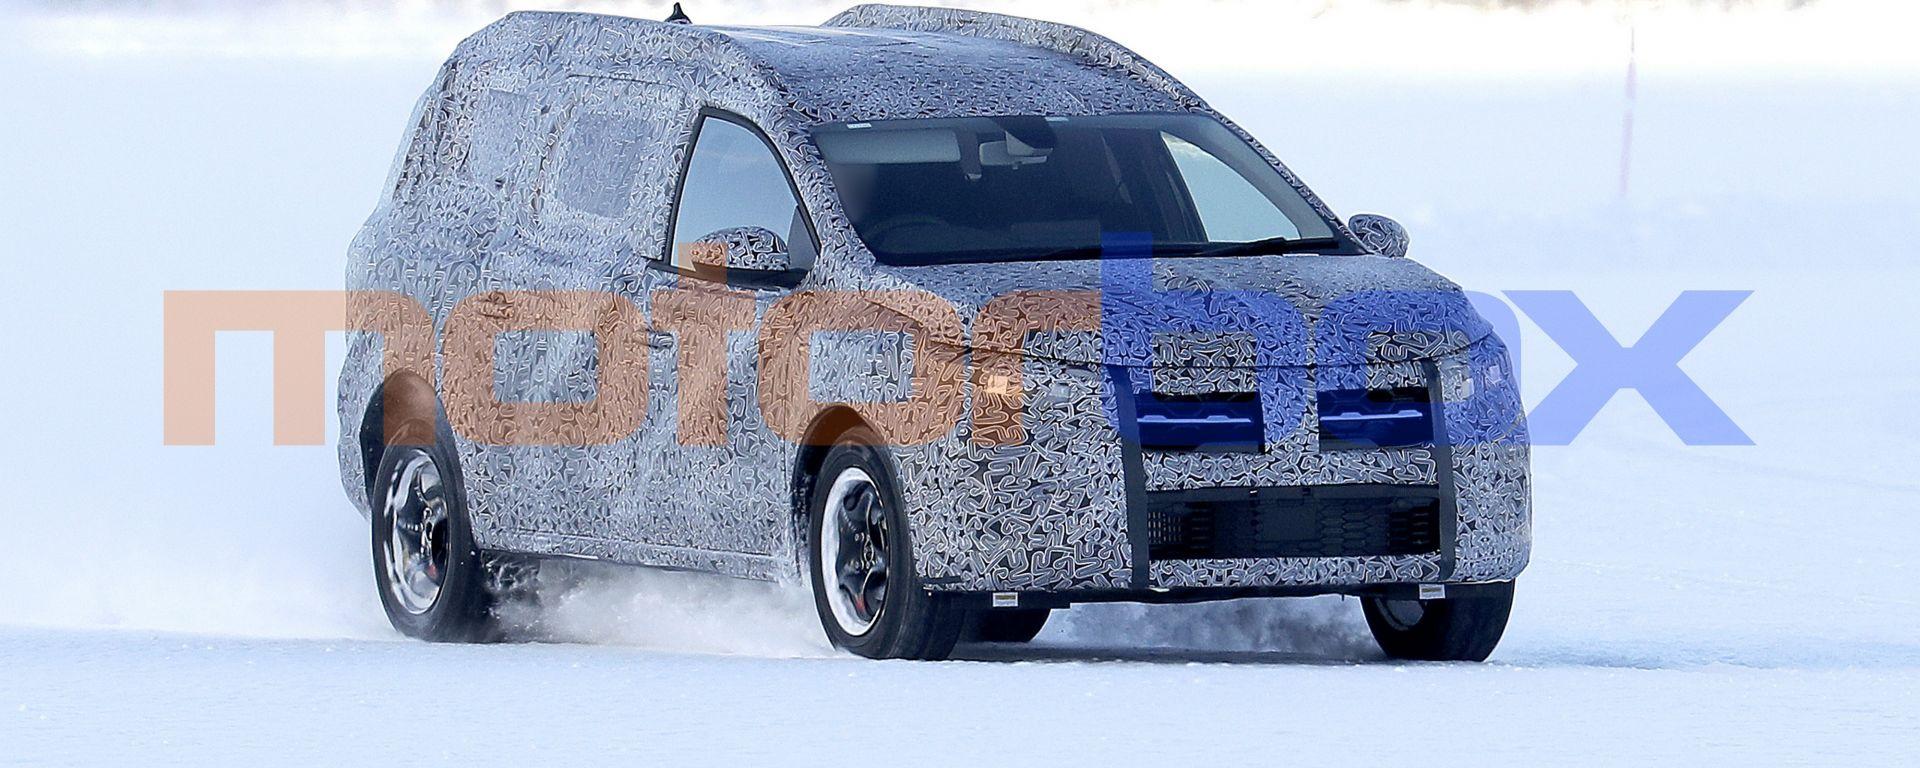 Nuova Dacia Logan MCV: i prototipi sul ghiaccio della Scandinavia